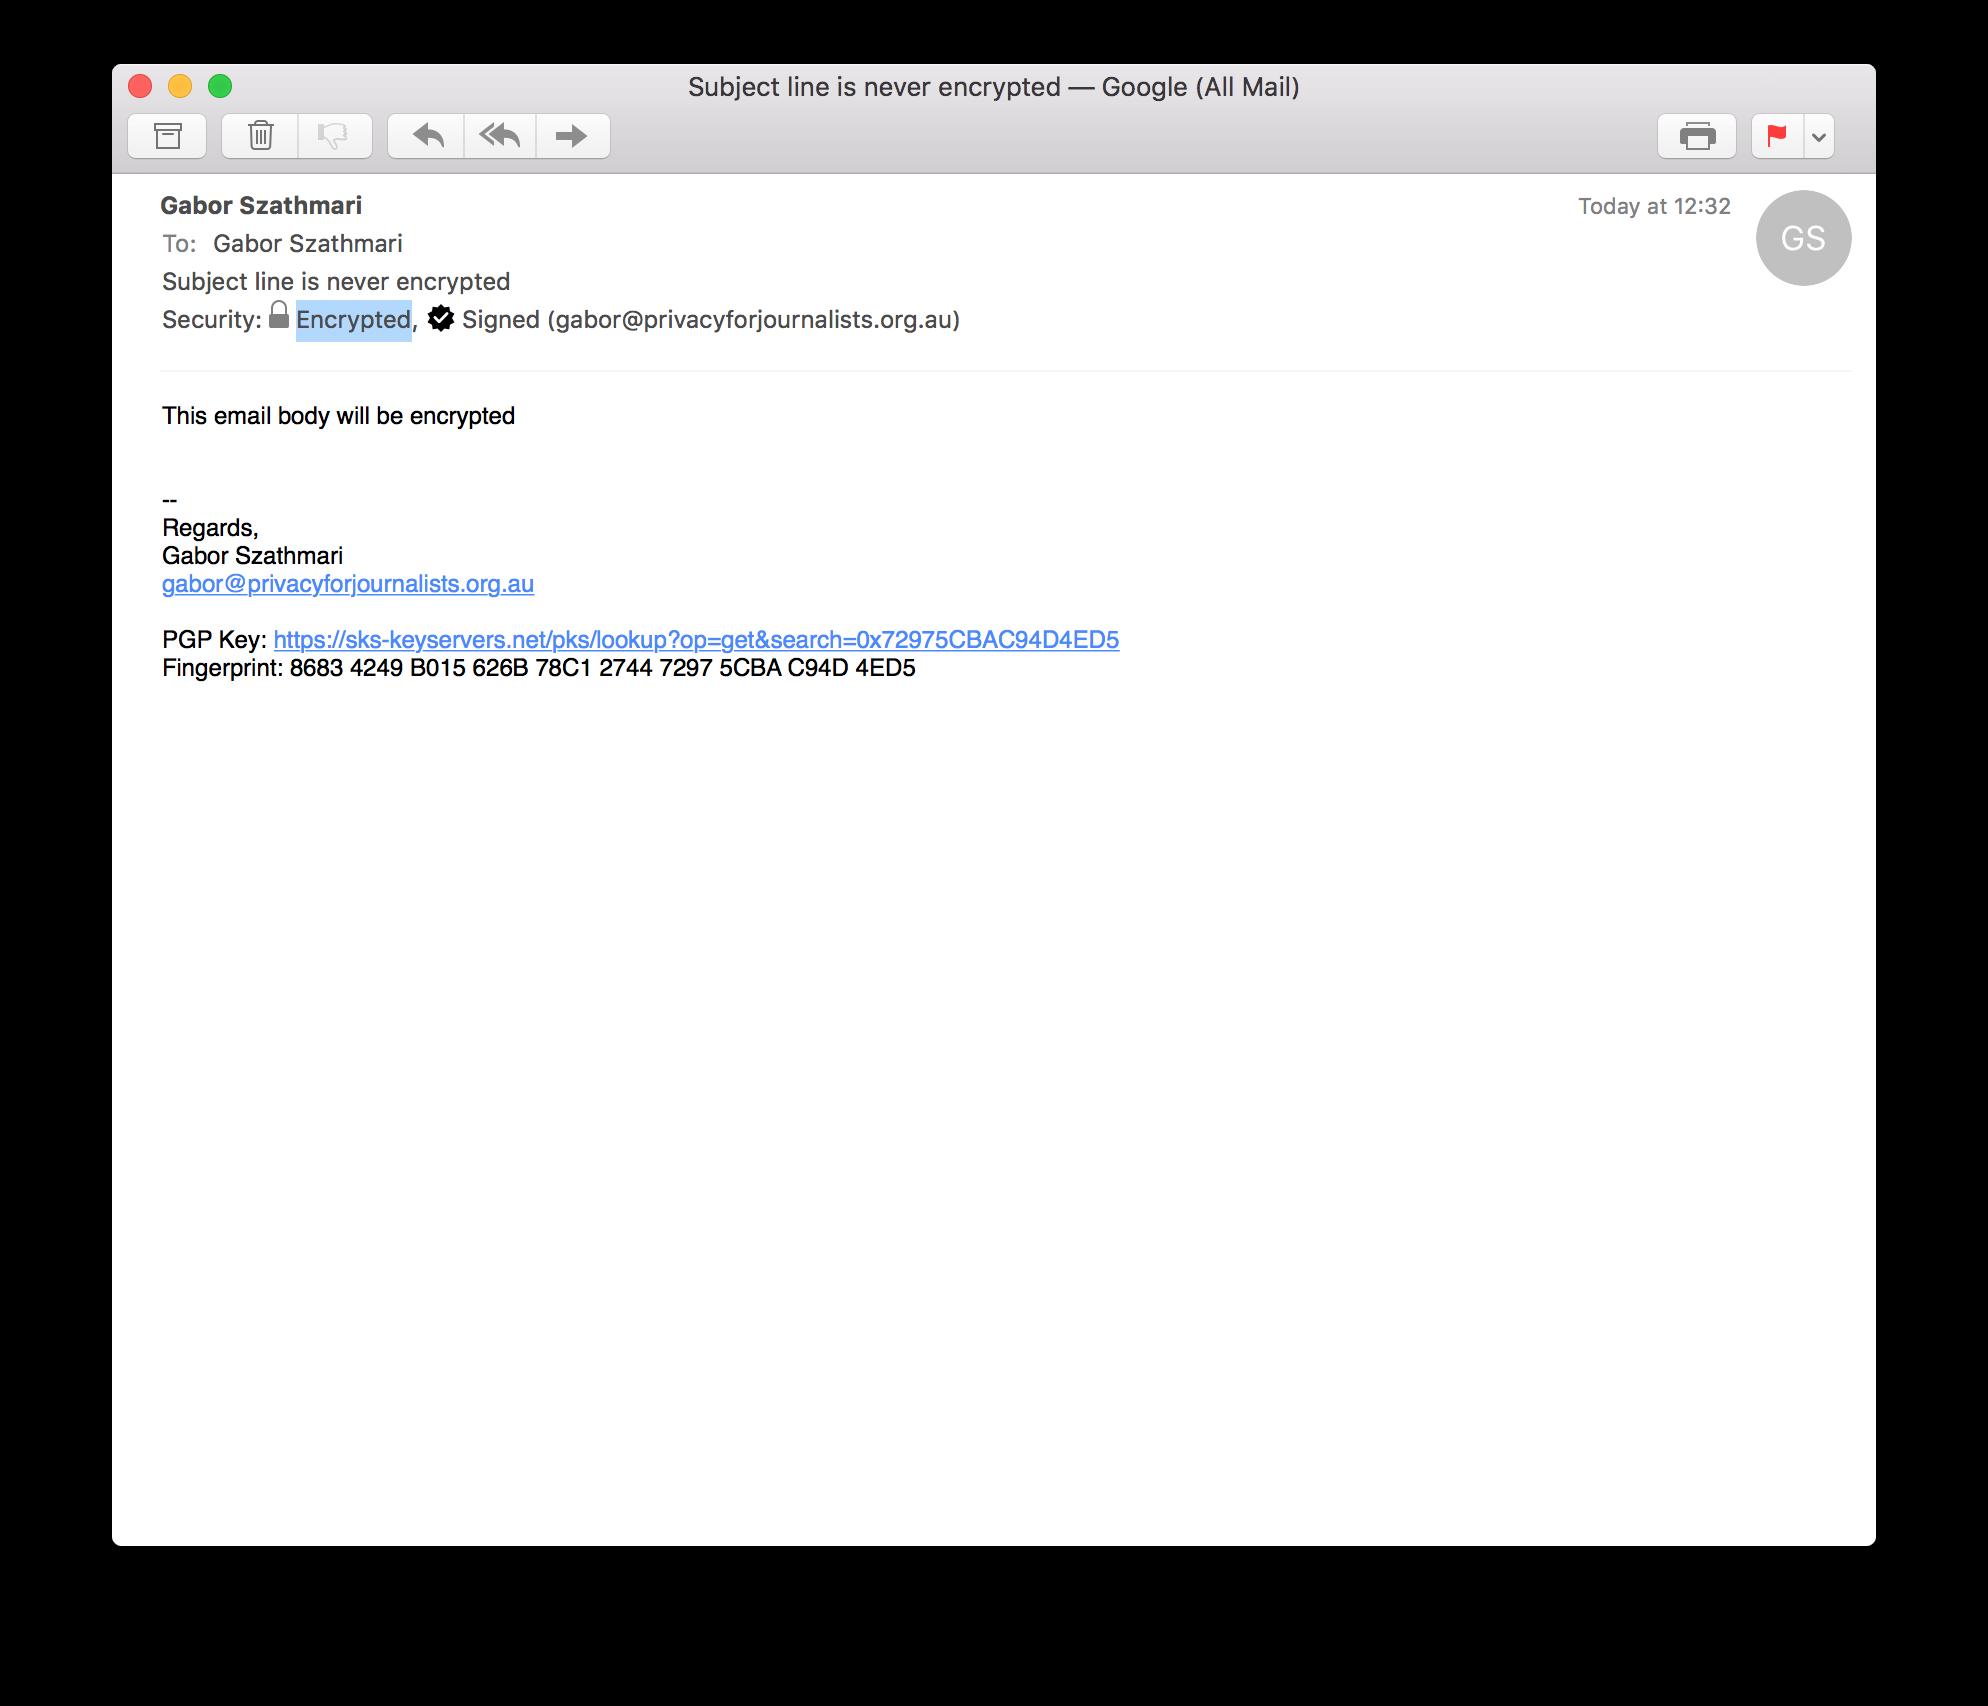 Email Recipient